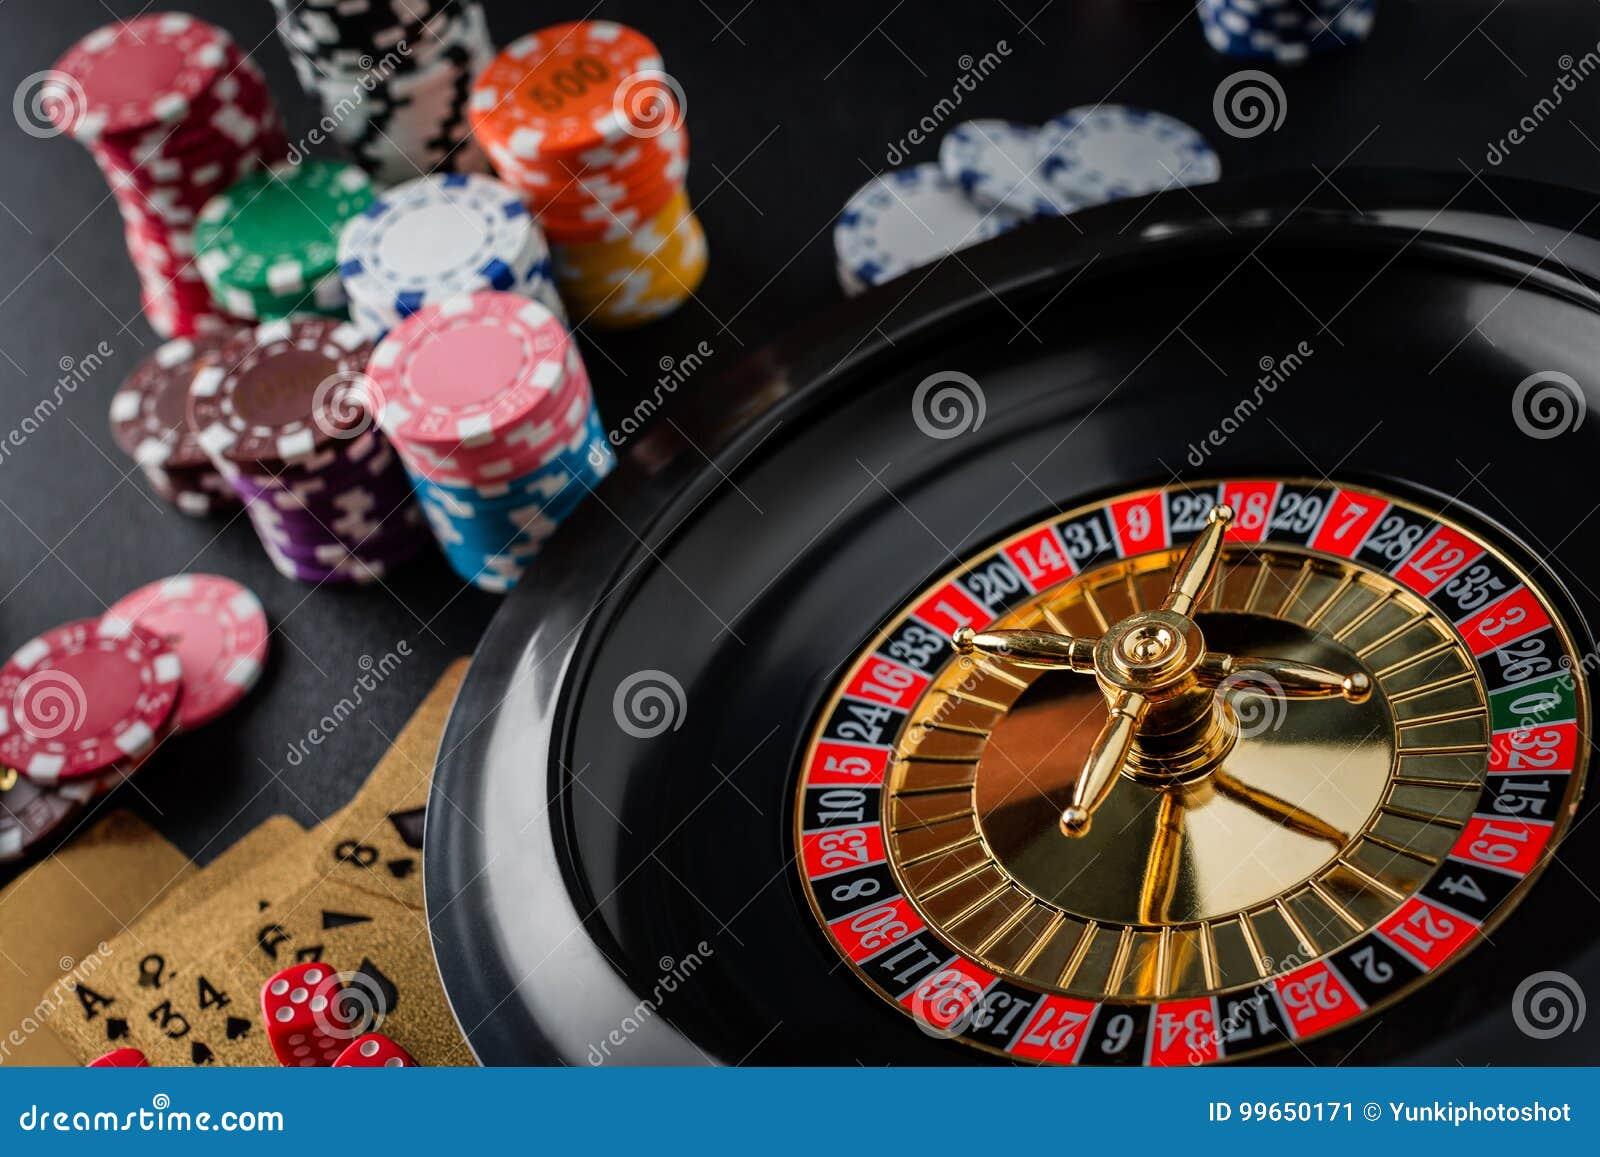 roulette casino gratis